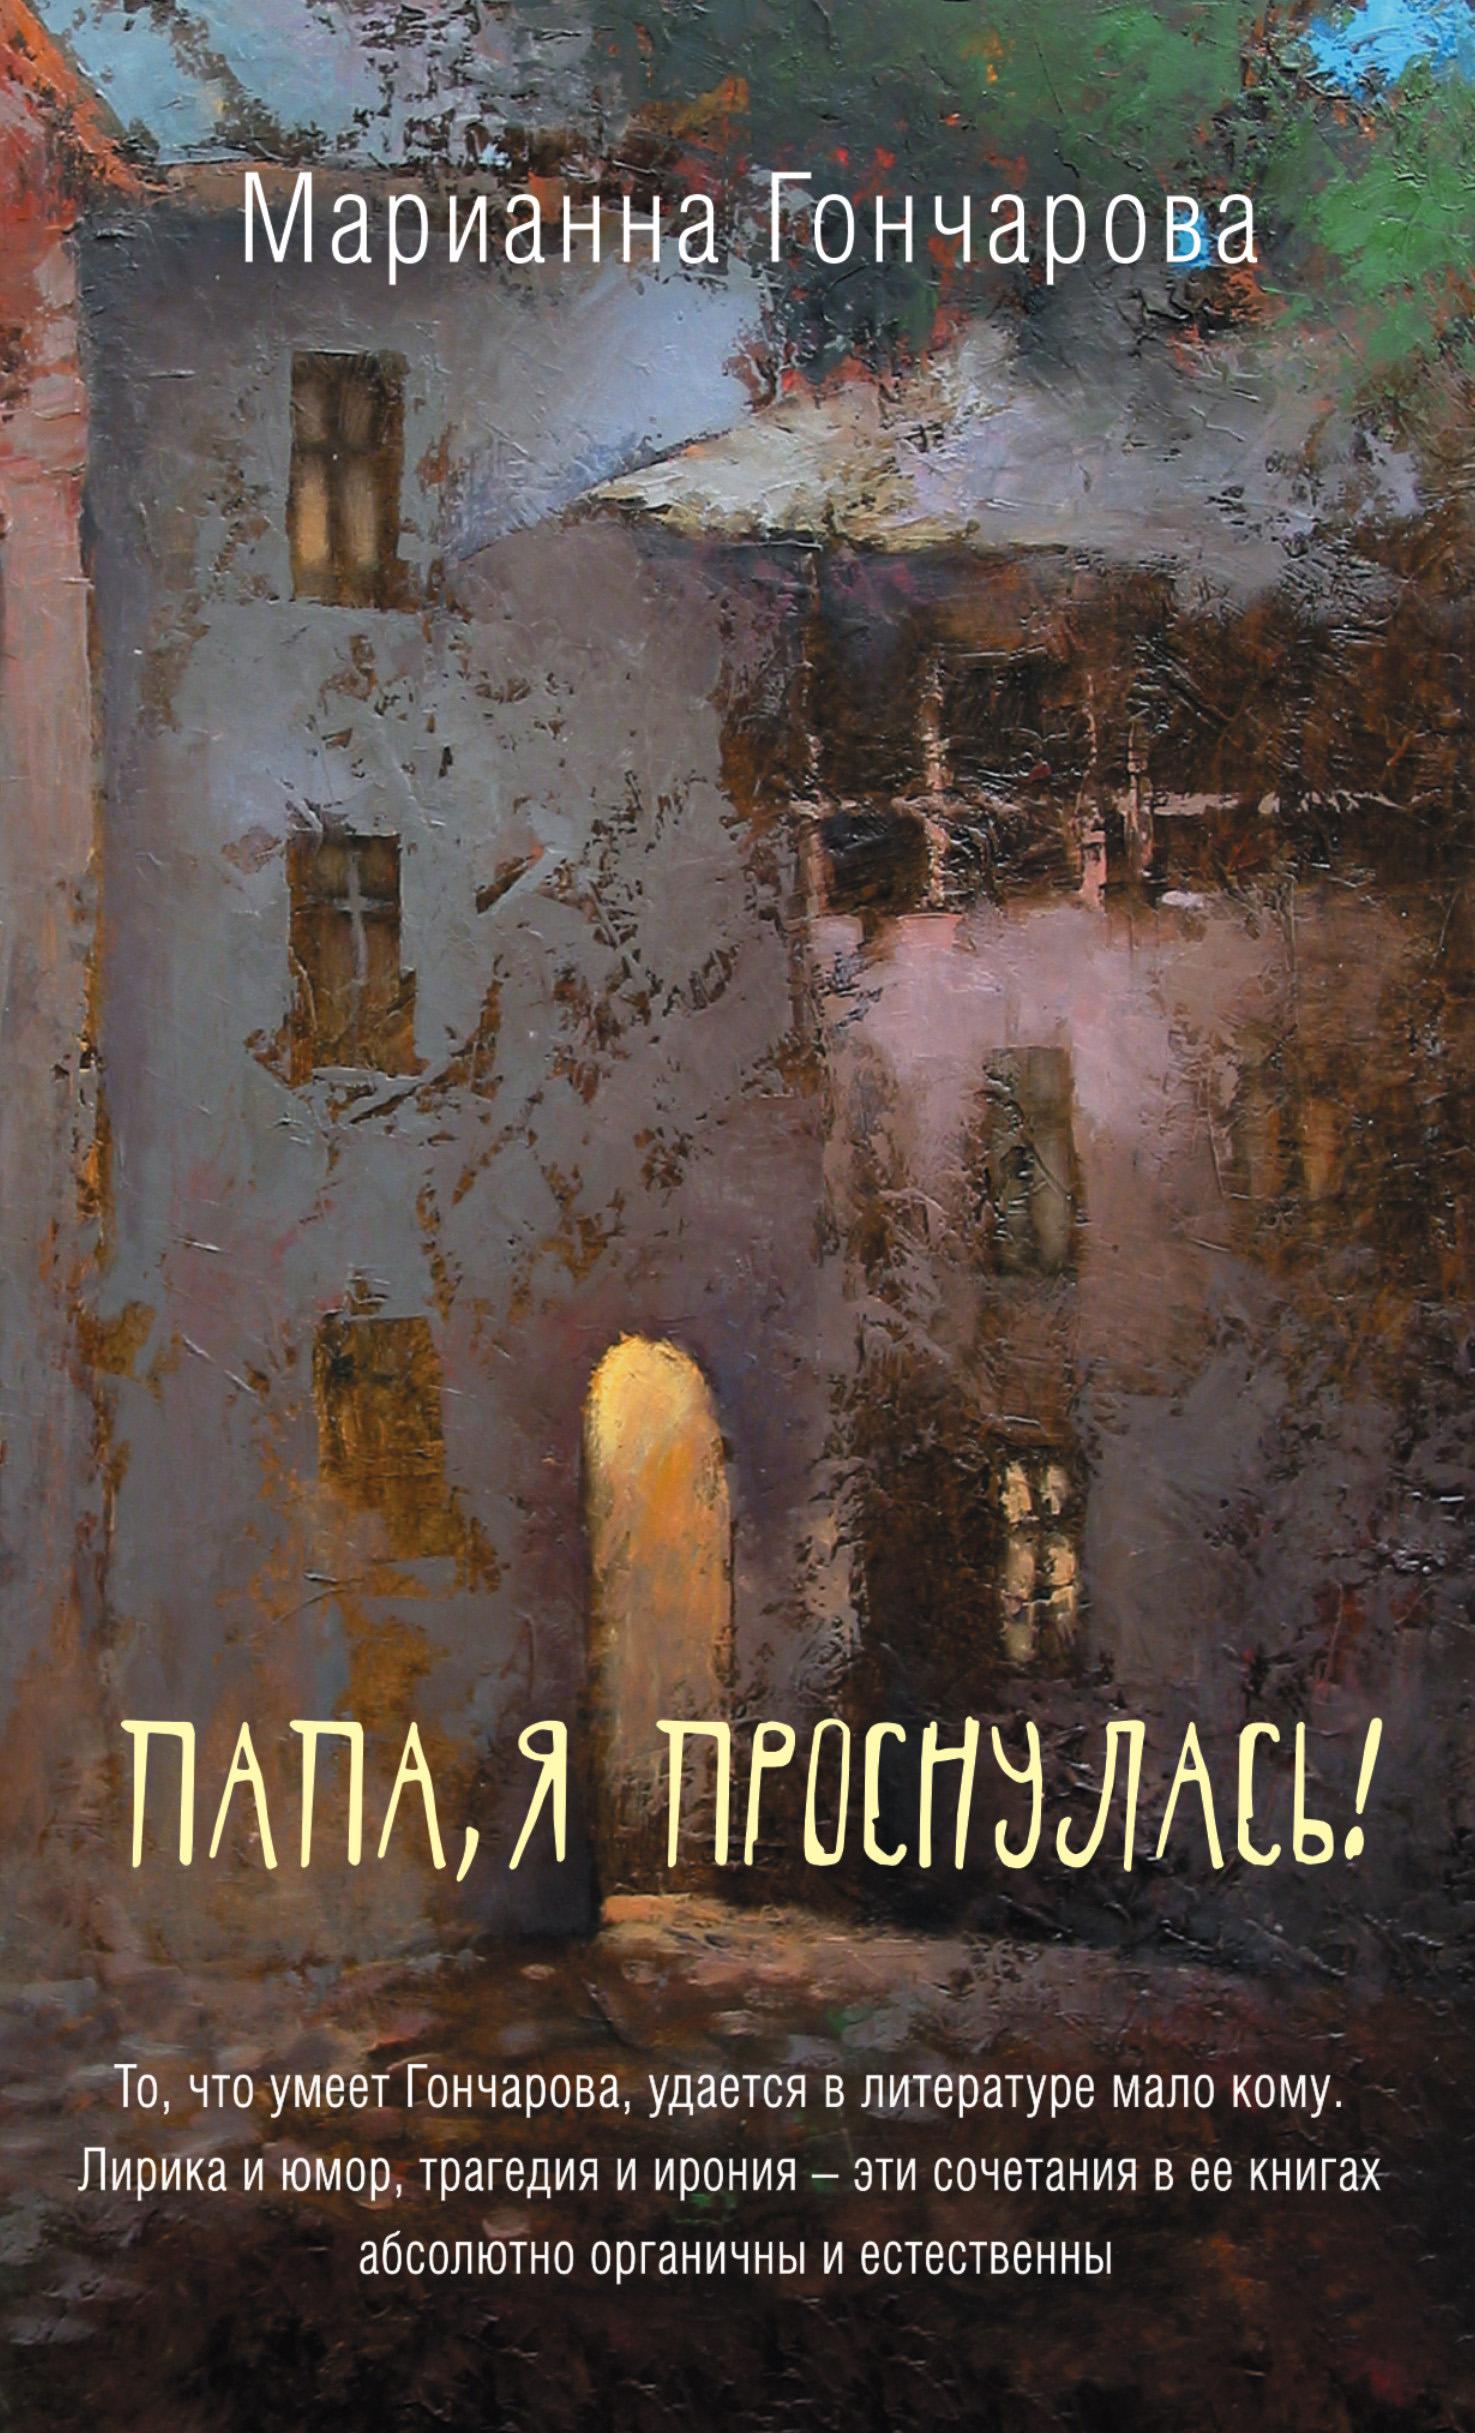 Марианна Гончарова Папа, я проснулась! (сборник) цена